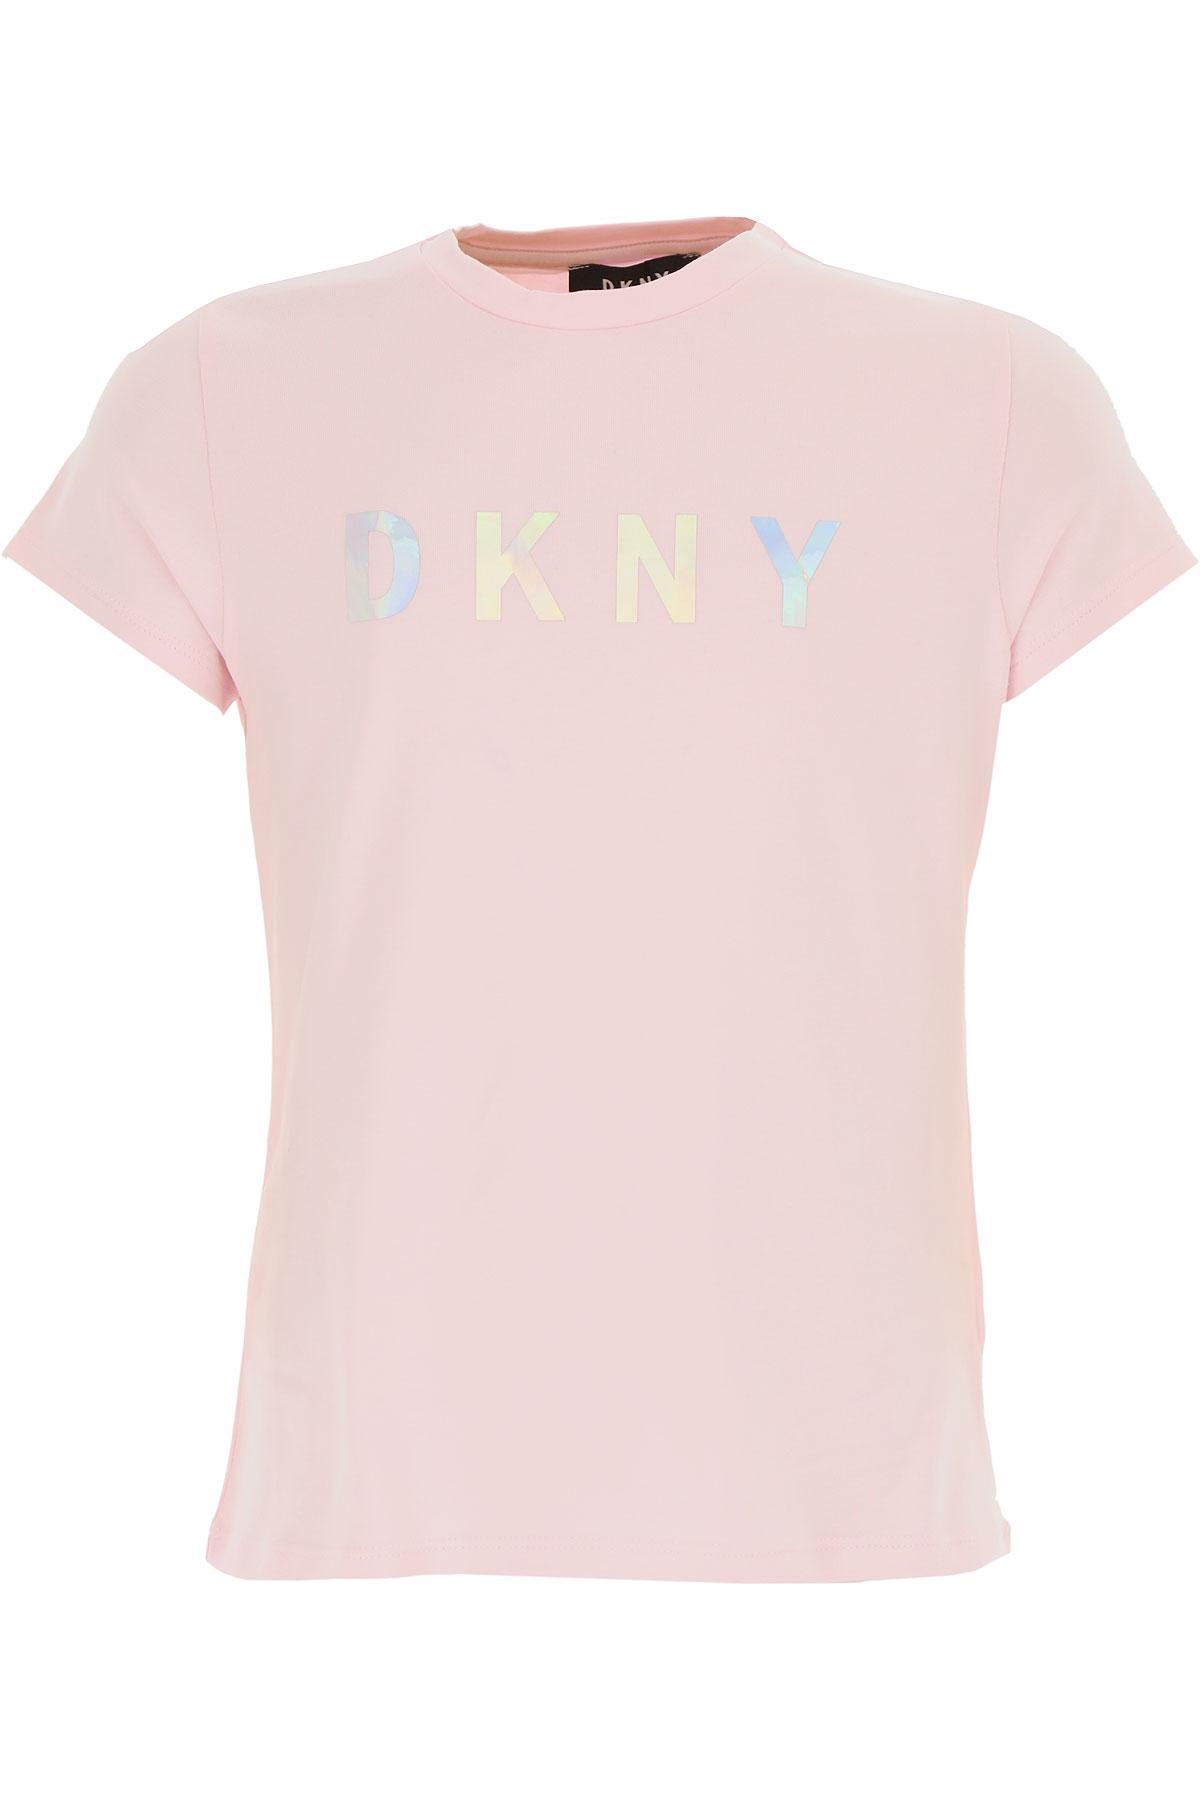 DKNY Kids T-Shirt for Girls On Sale, Pink, Cotton, 2019, 10Y 12Y 14Y 16Y 8Y